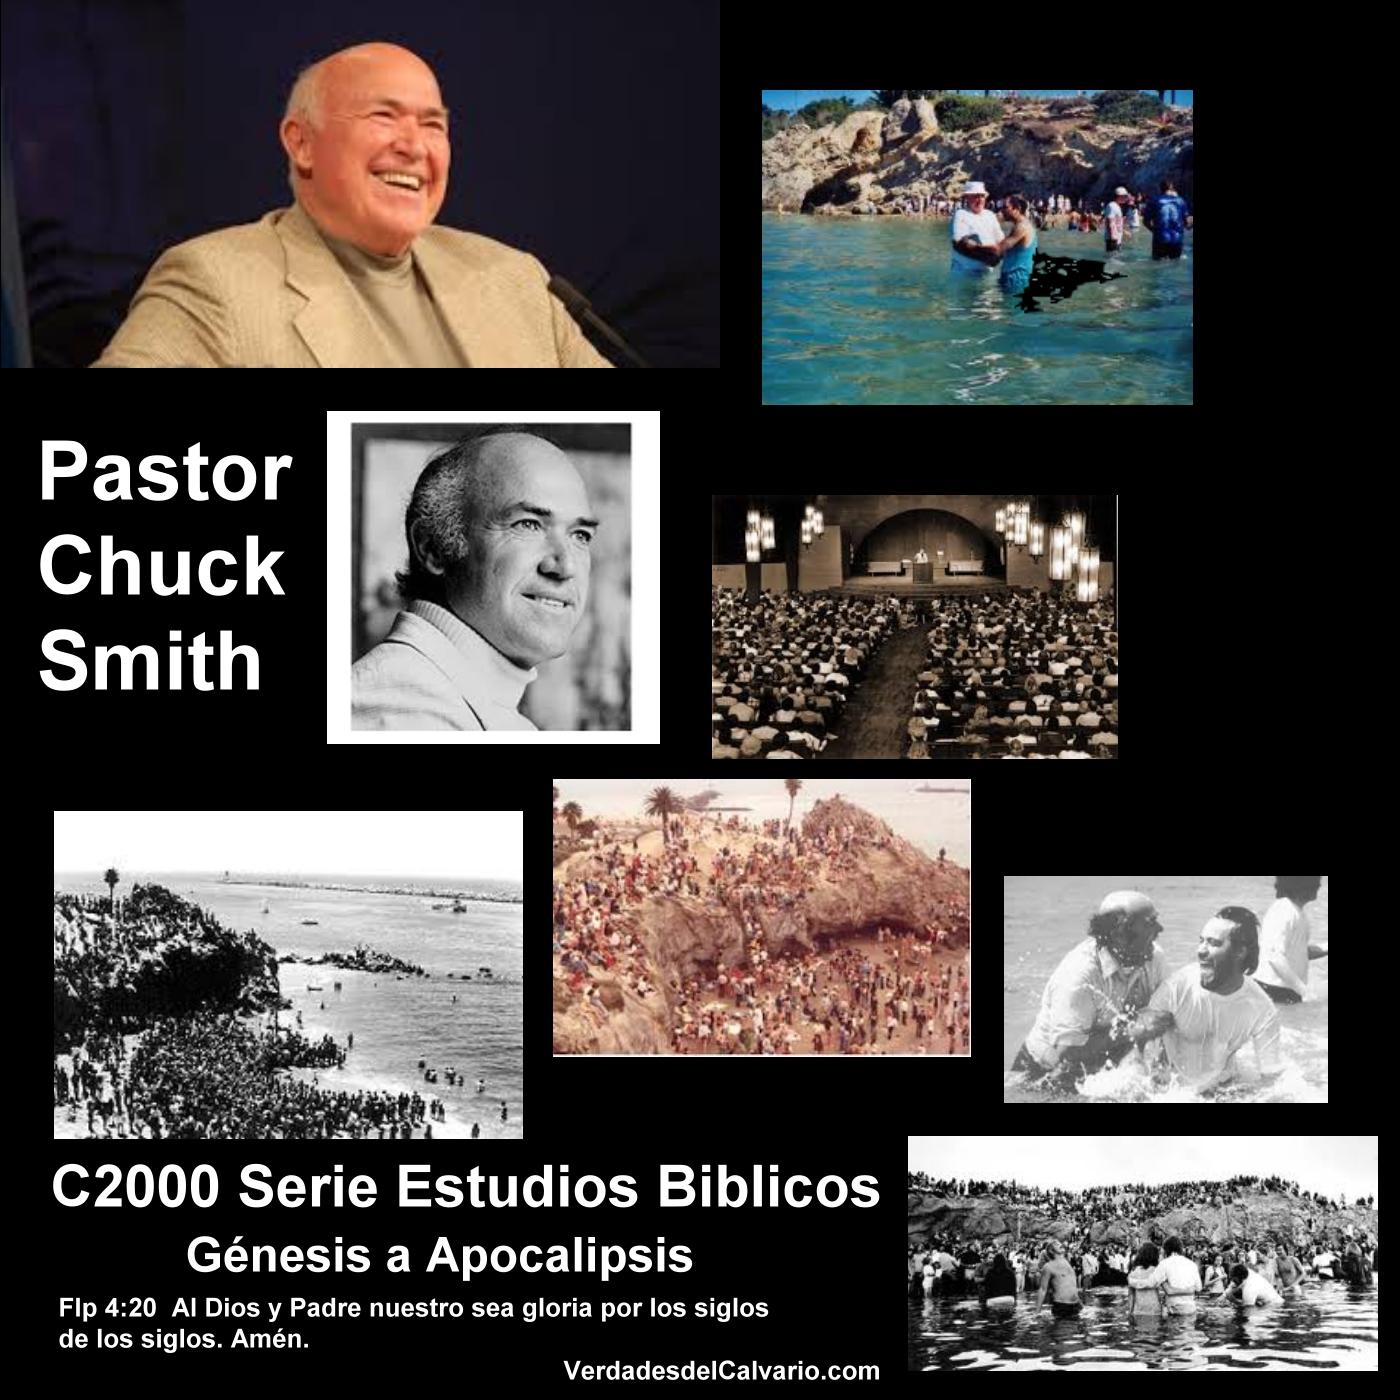 Chuck Smith - Antiguo Testamento Parte 2 - Salmos-Malaquias - Estudios Biblicos - Libro por Libro - Suscribirse Gratis Para Ver Toda la Lista - C2000 Serie